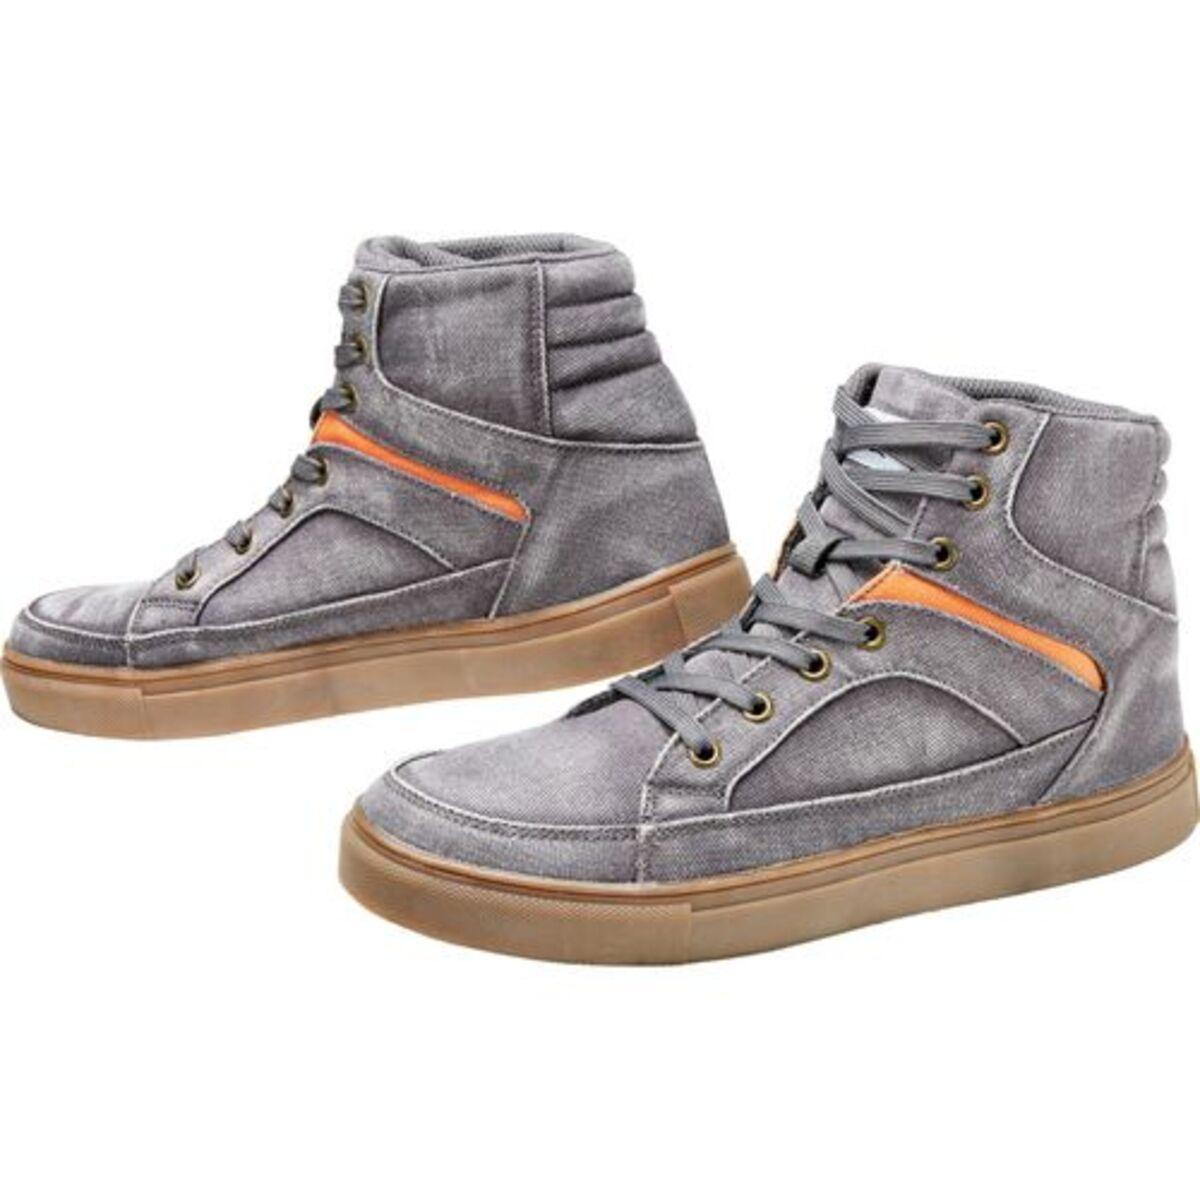 Bild 2 von FLM            Canvas Sneaker grau